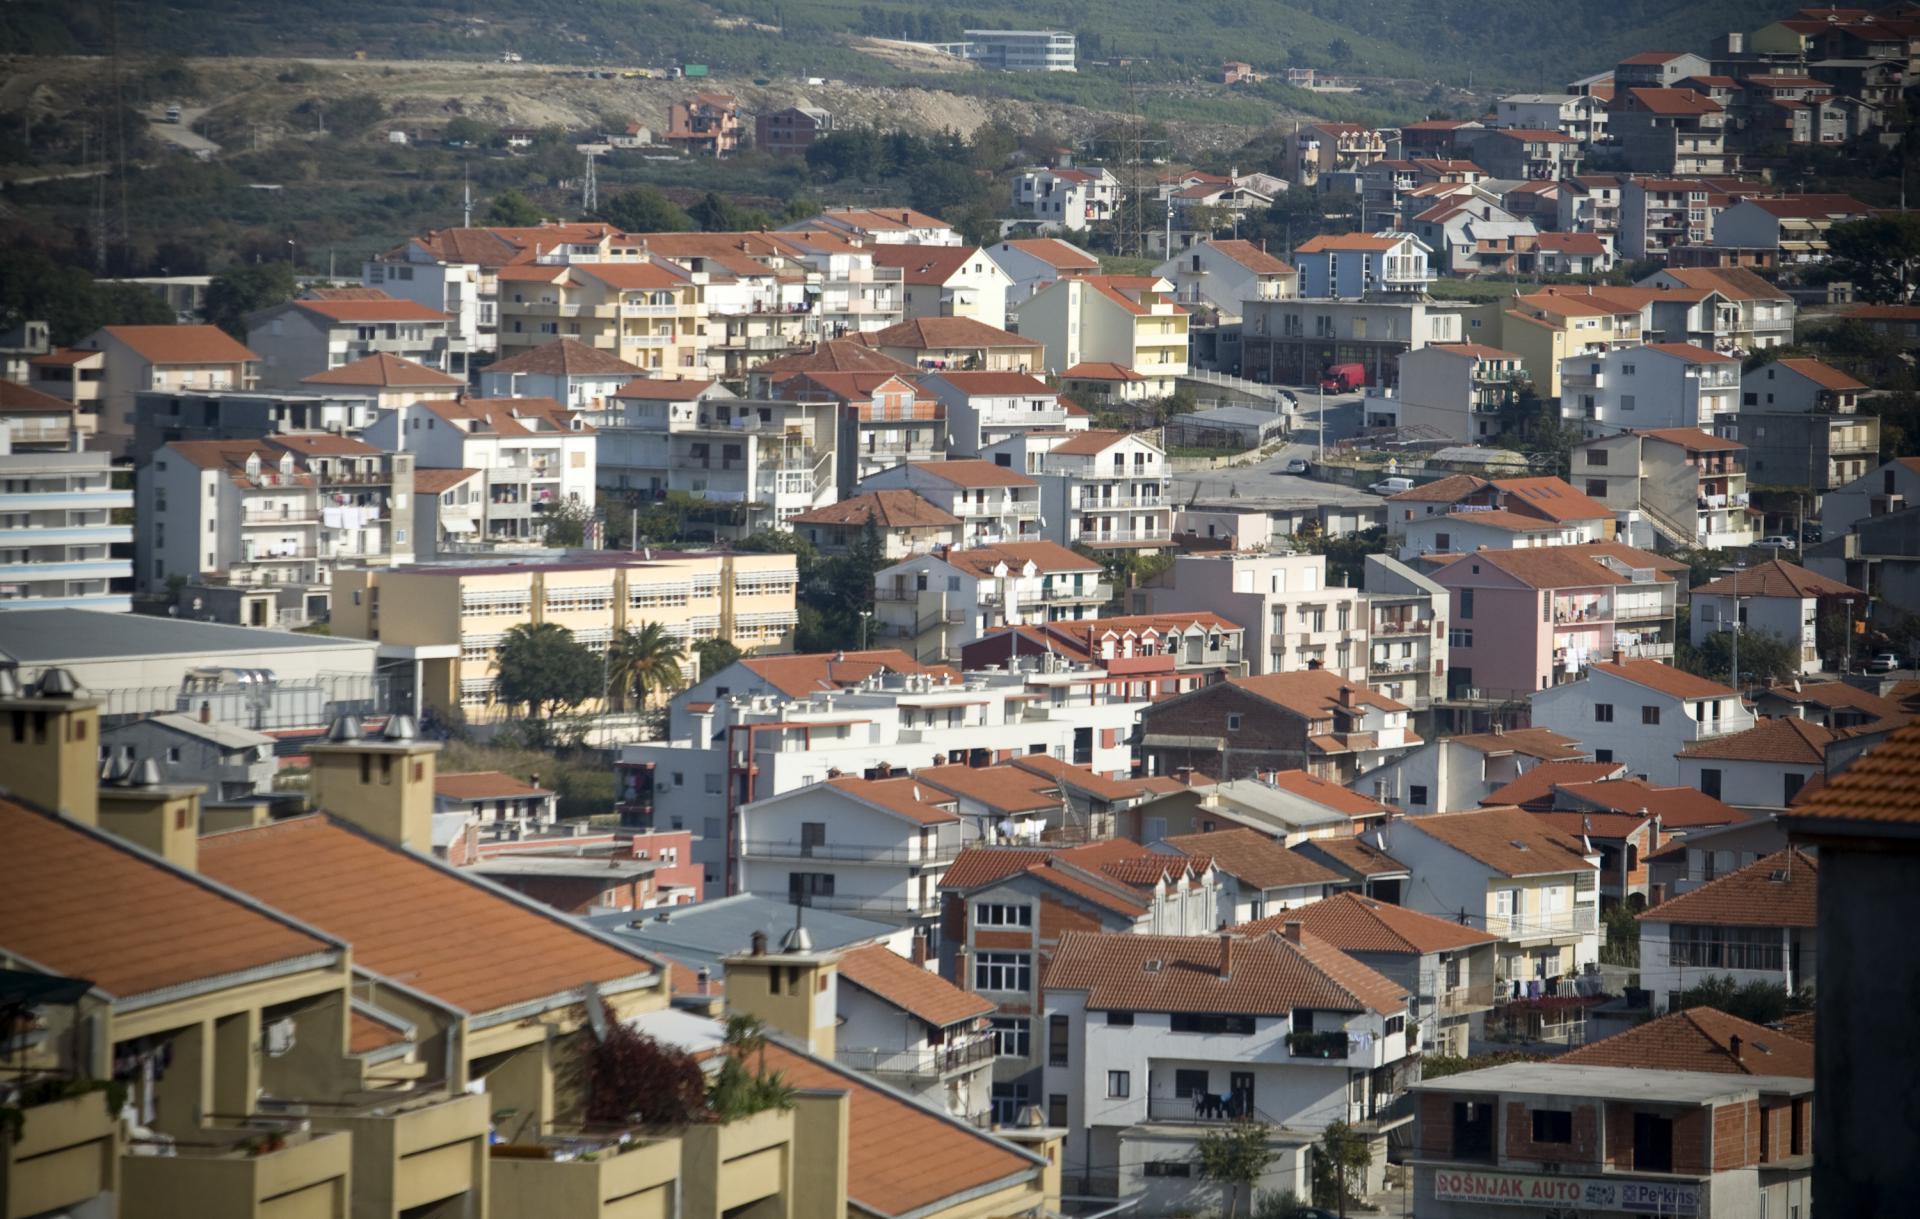 Sredstva su trebala biti utrošena u sanaciju bespravno izgrađenih područja